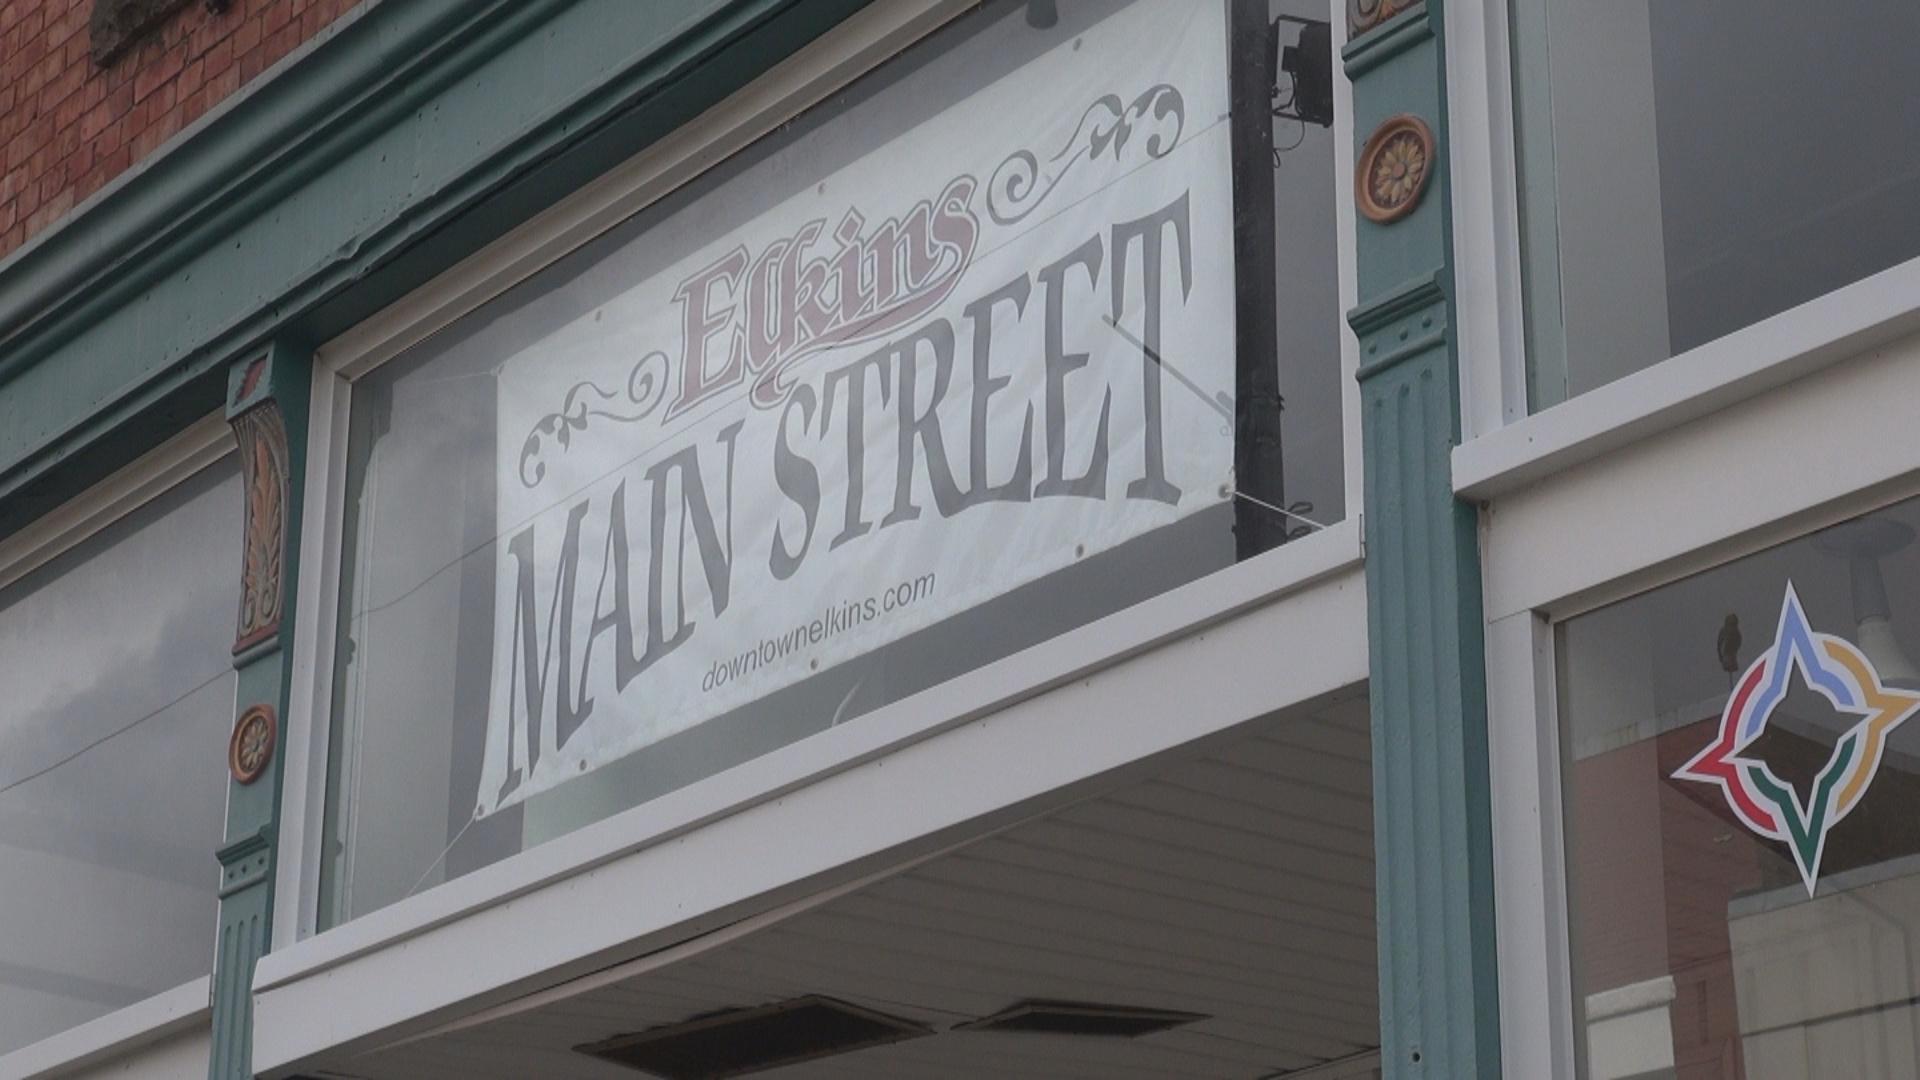 ELKINS MAIN STREET.jpg